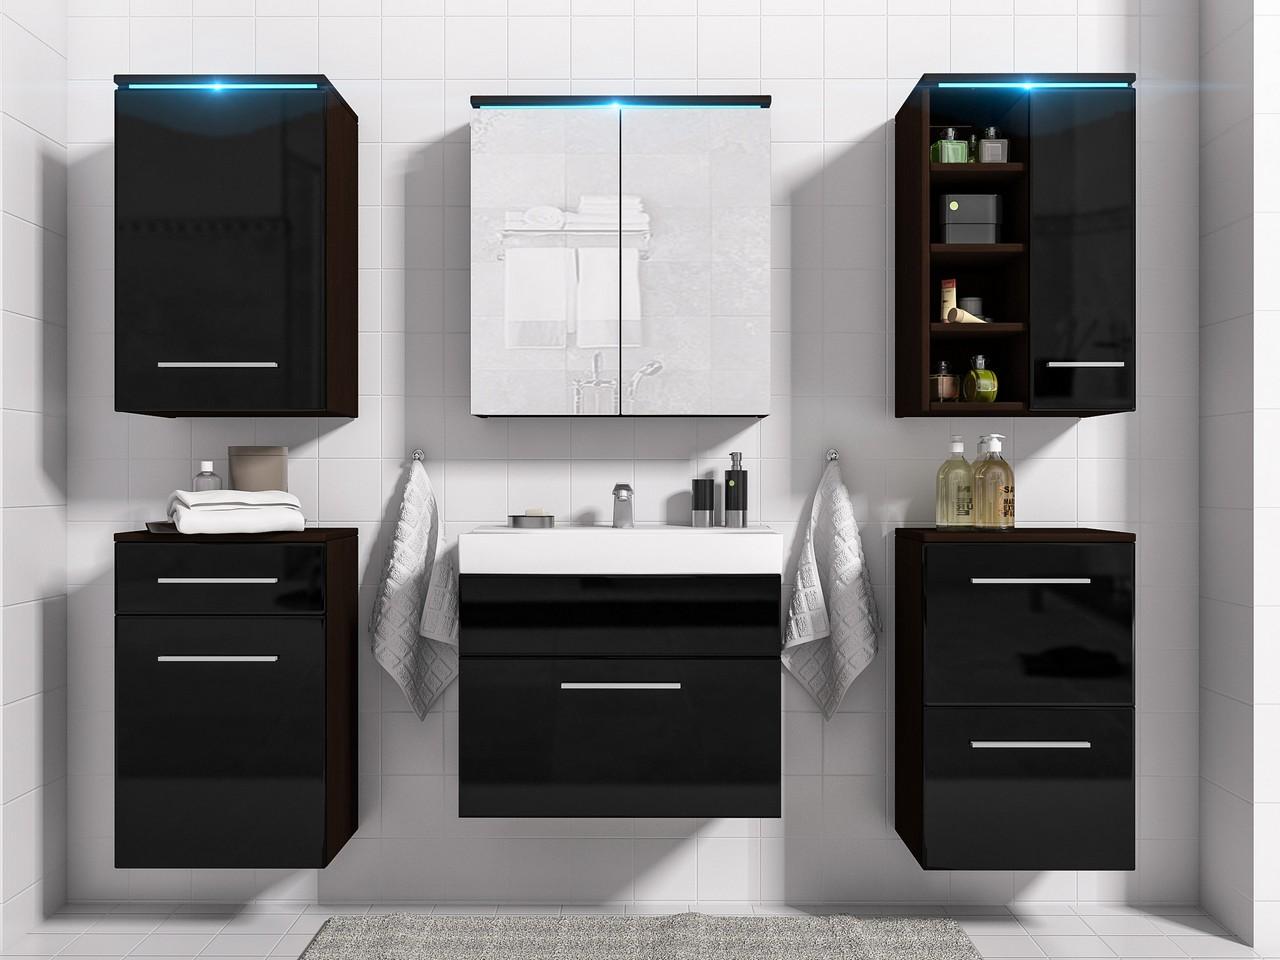 Kúpeľňová zostava MEGI zostava 4 Wenge / Čierny lesk